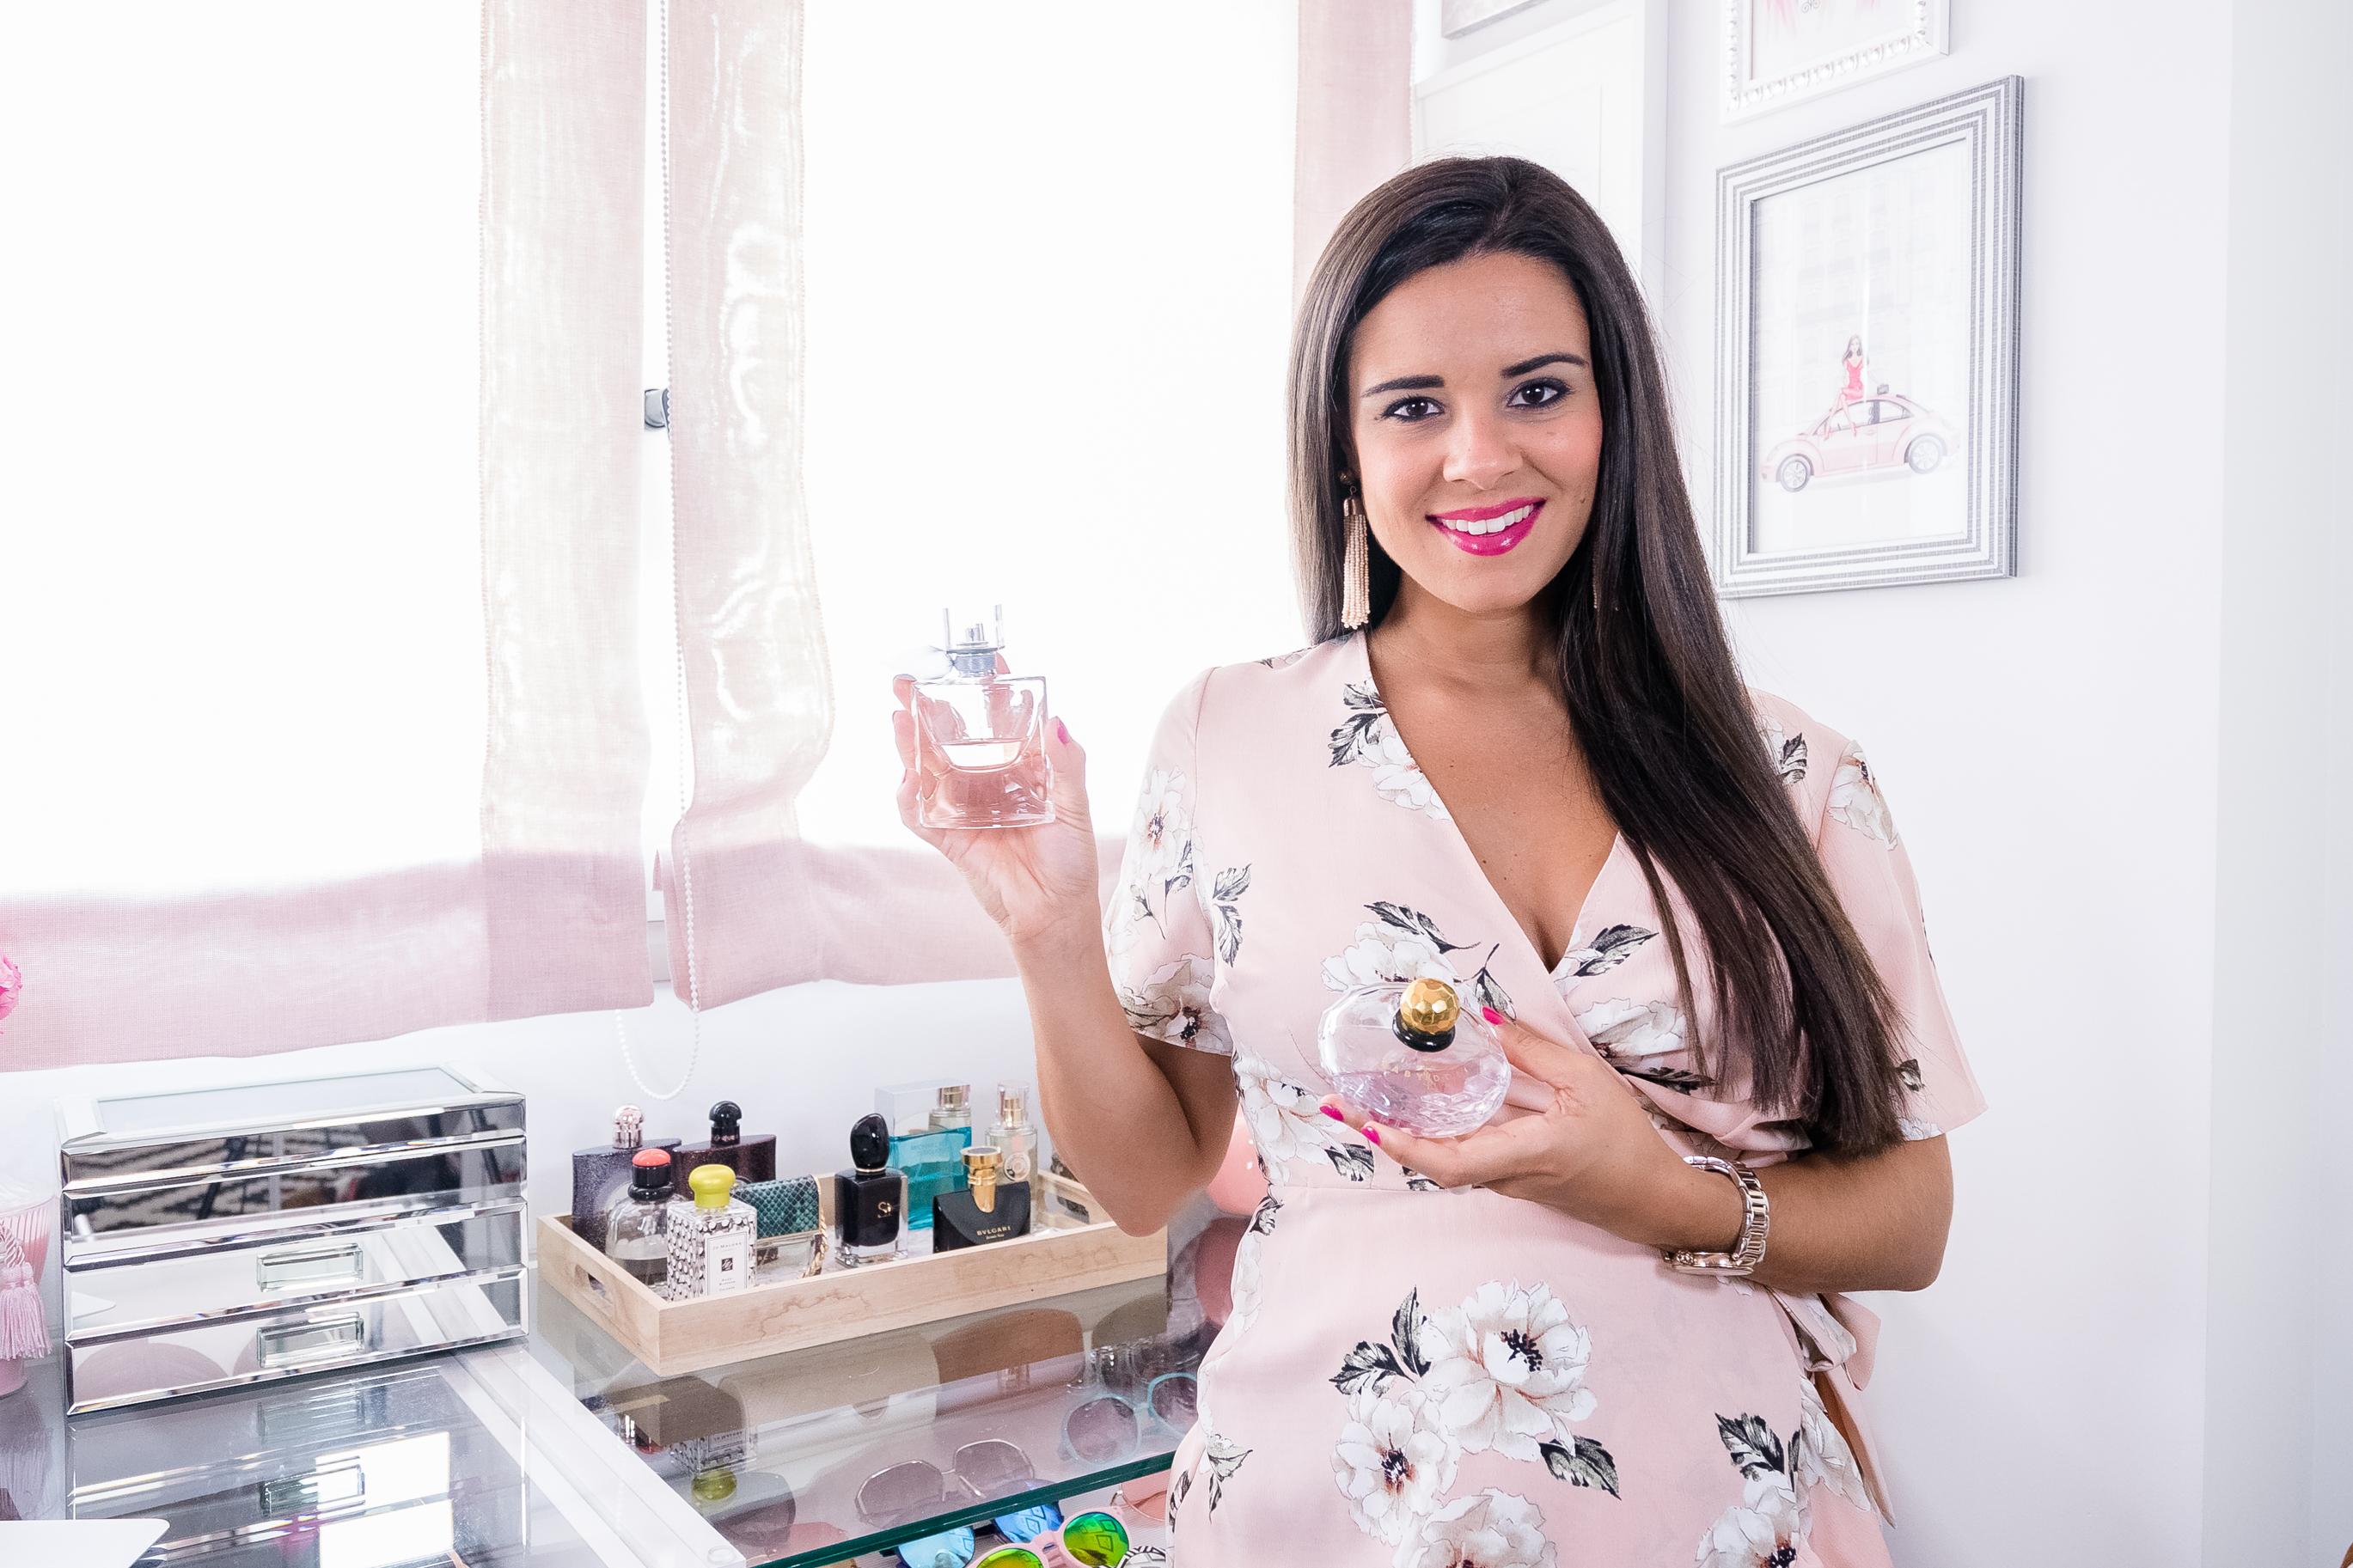 Vídeo sobre mis perfumes favoritos-24055-crimenesdelamoda